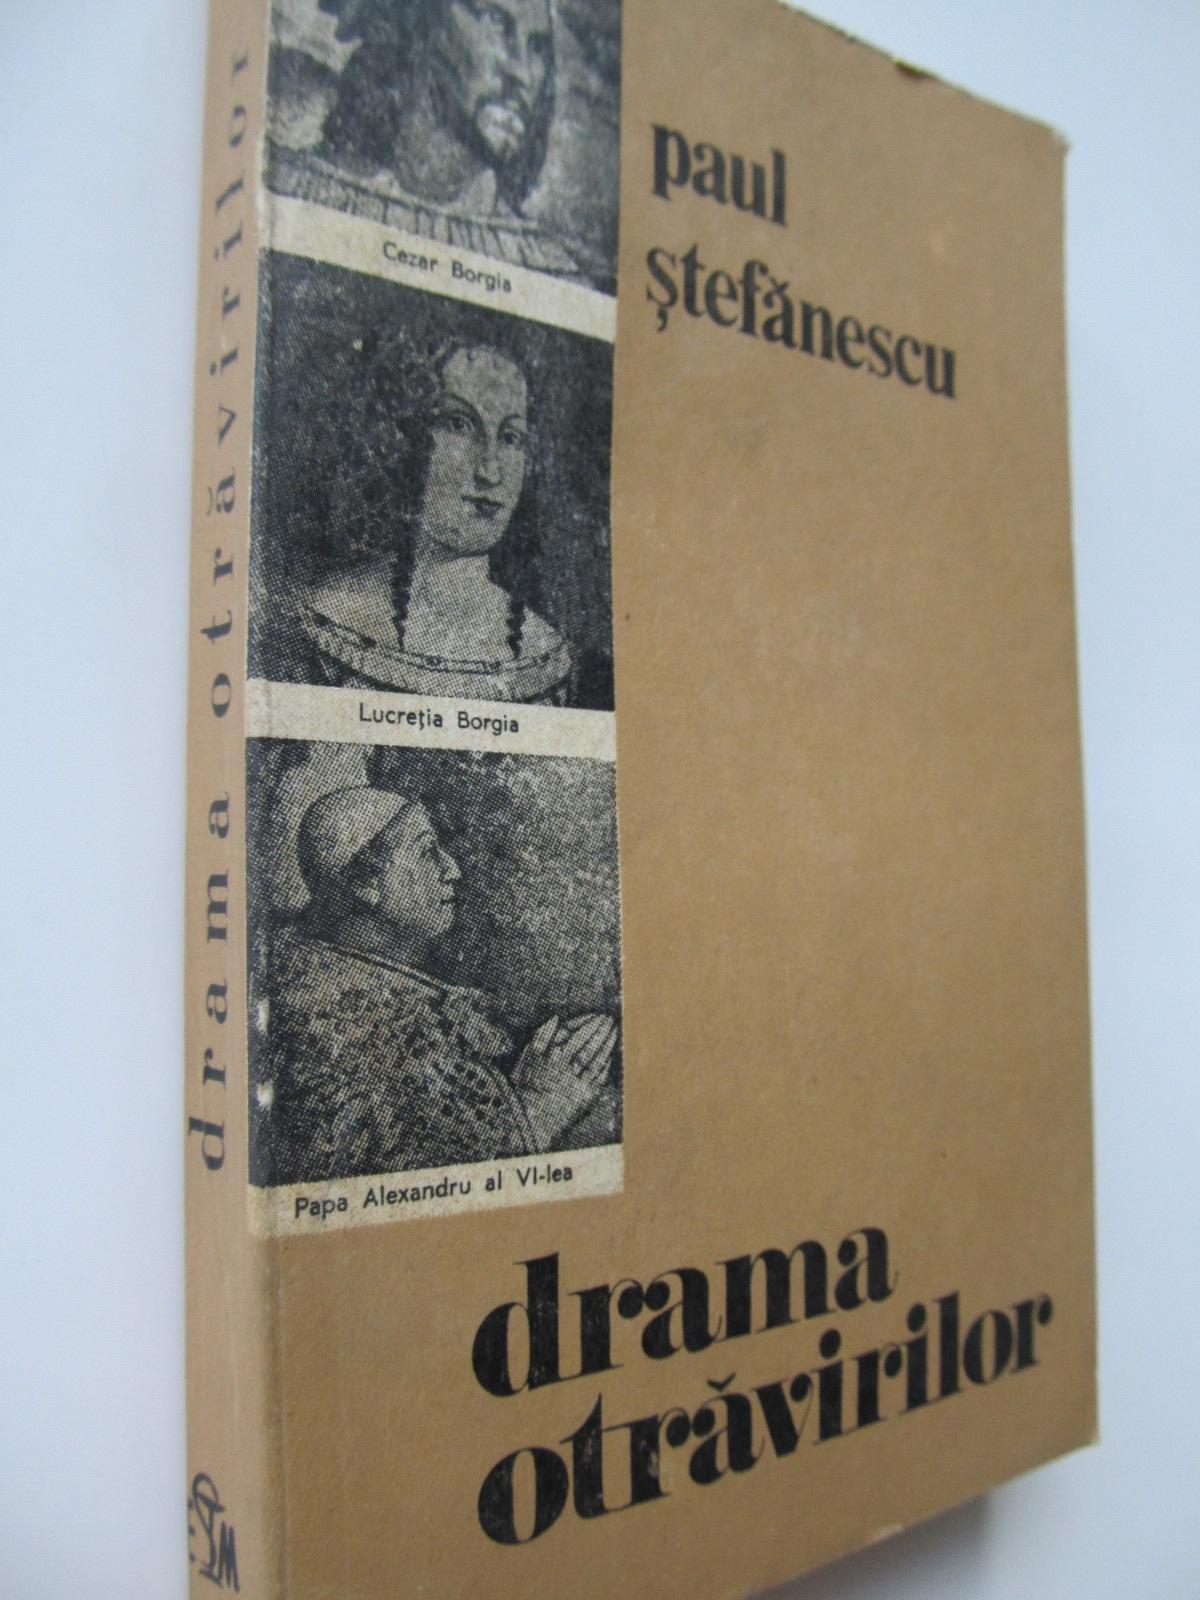 Carte Drama otravirilor - dosare celebre - Paul Stefanescu